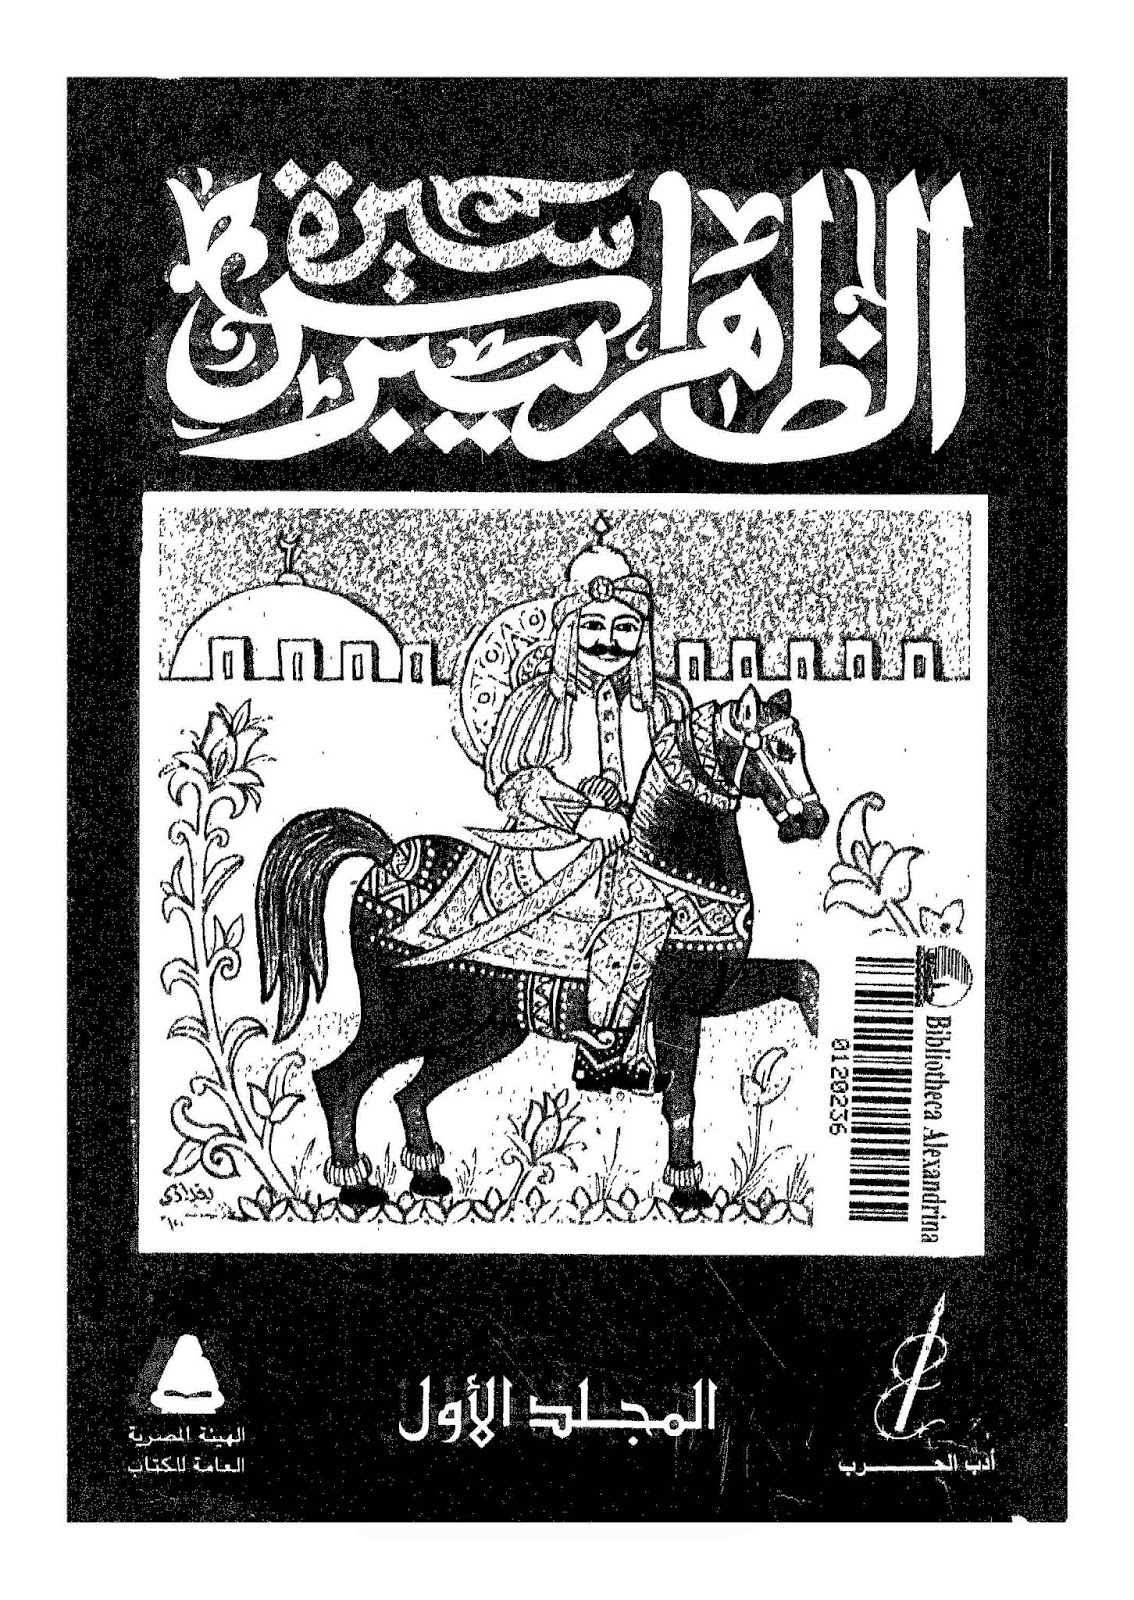 كتاب سيرة الظاهر بيبرس